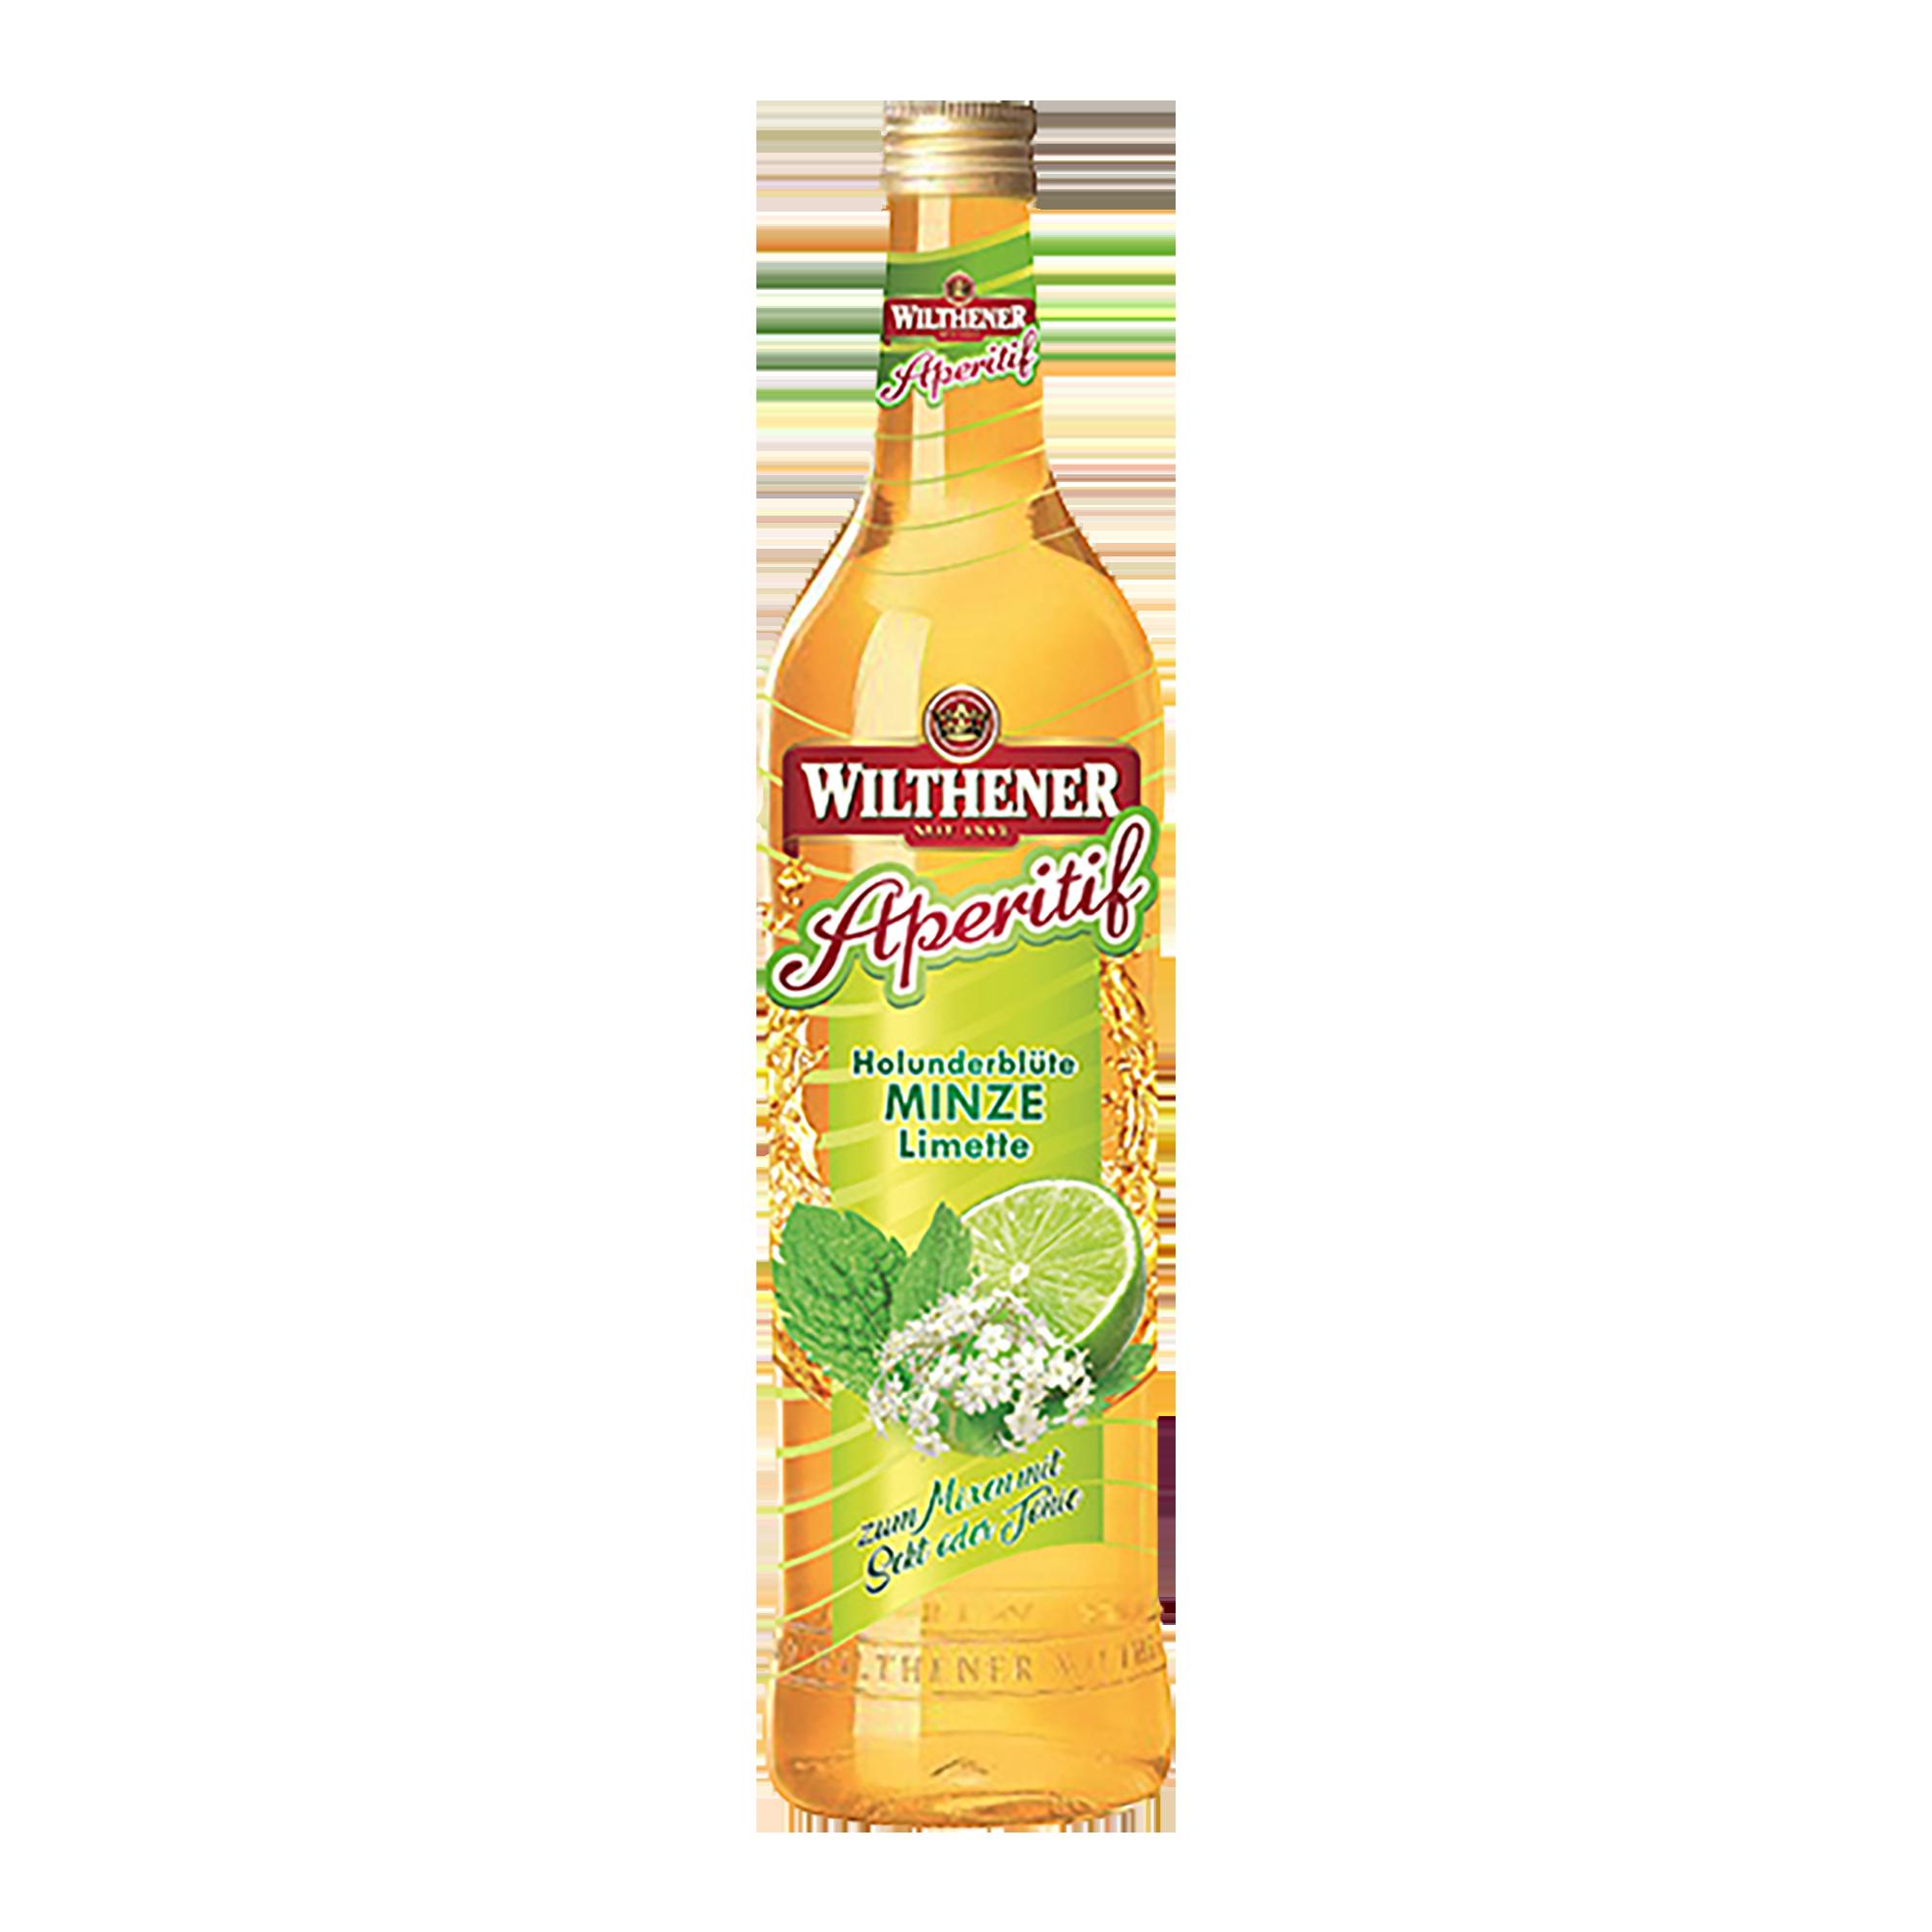 Wilthener Aperitif Holunderblüte-Minze-Limette 0,7l